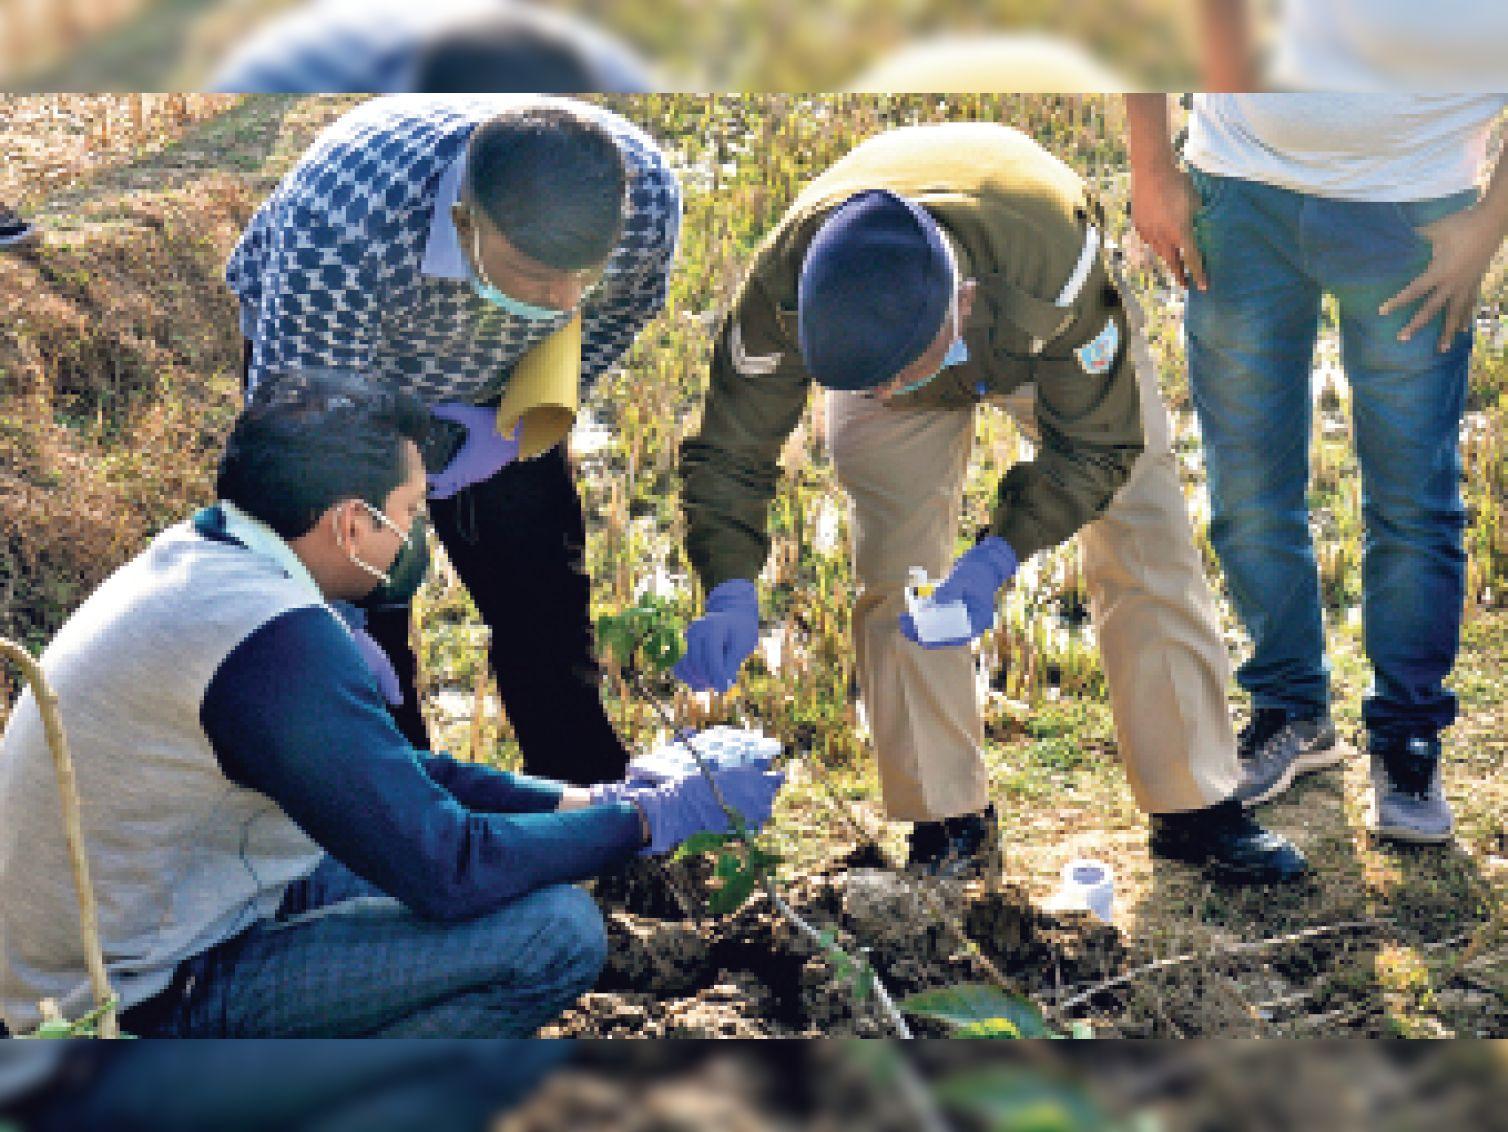 एसएफएल की टीम खेत पर पहुंची और जांच के लिए अवशेष और नमूना एकत्रित किया